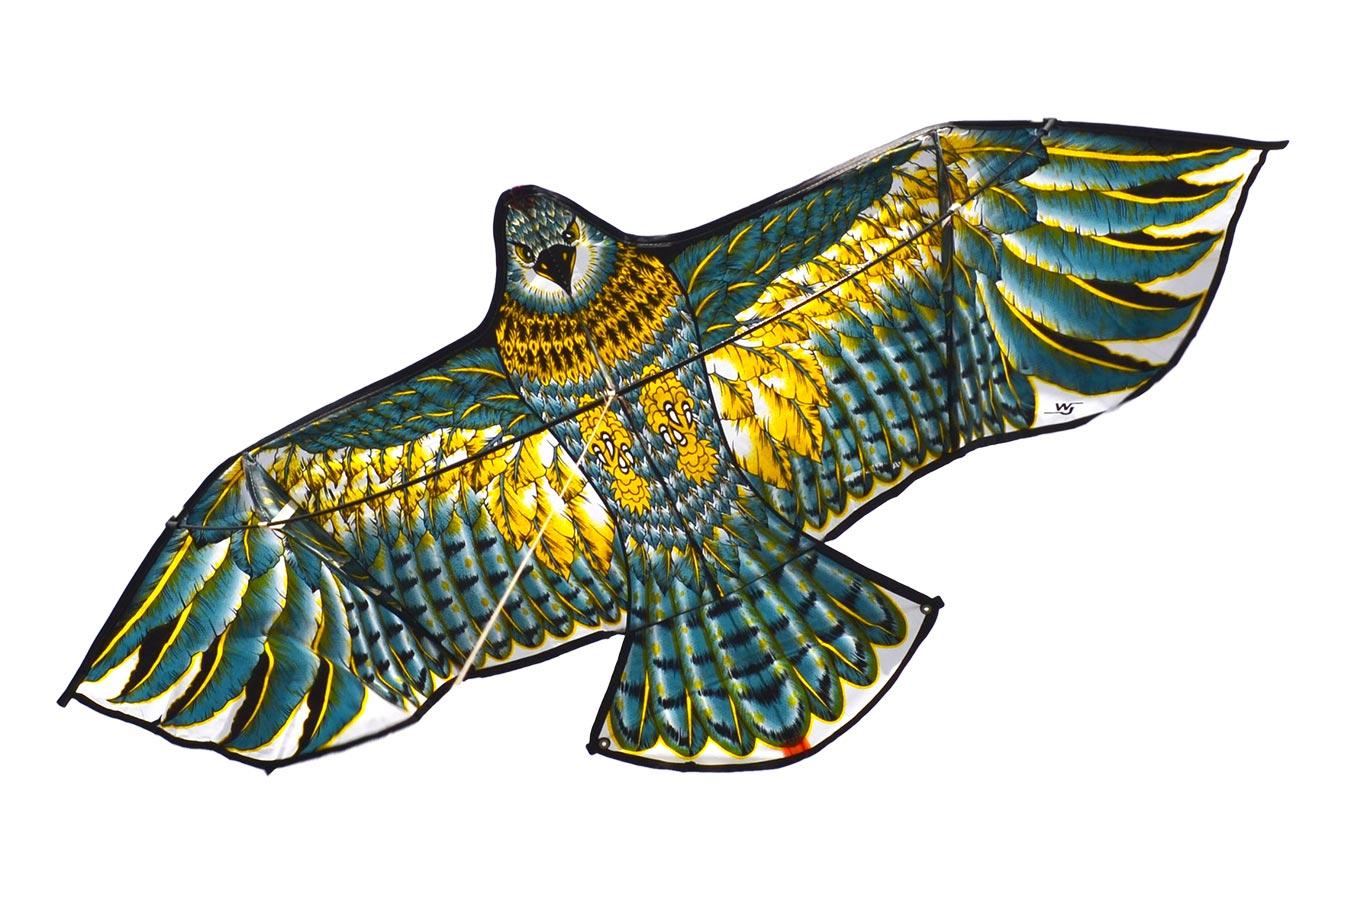 Золотой Чеглок, воздушный змей  1.4 метра [ZB521]